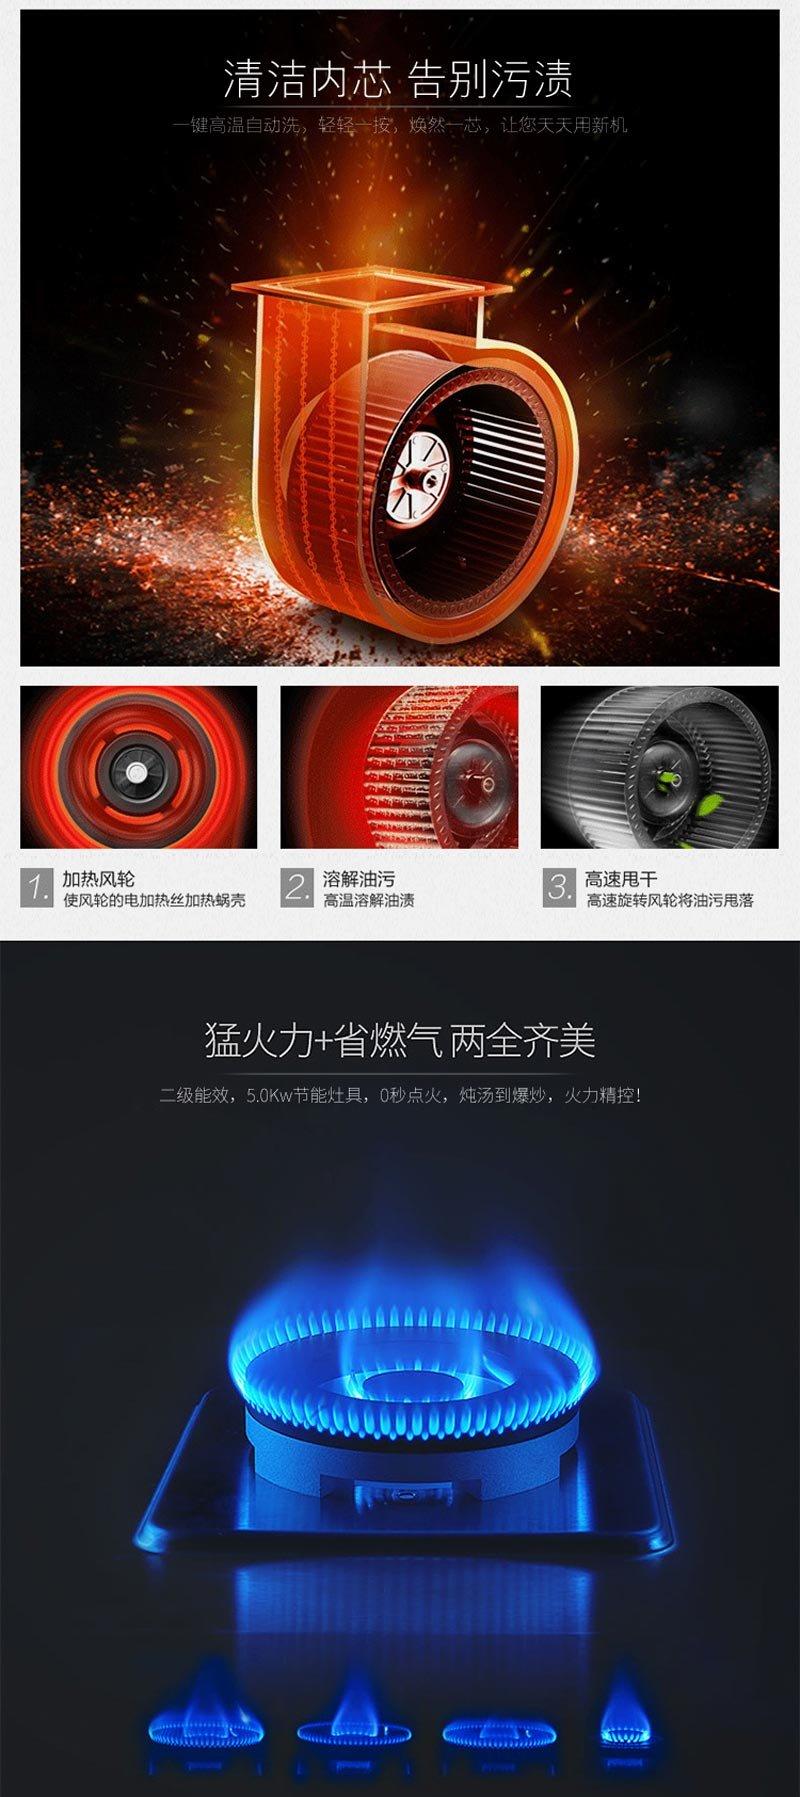 威可多集成灶 W900B-1A产品图片_6